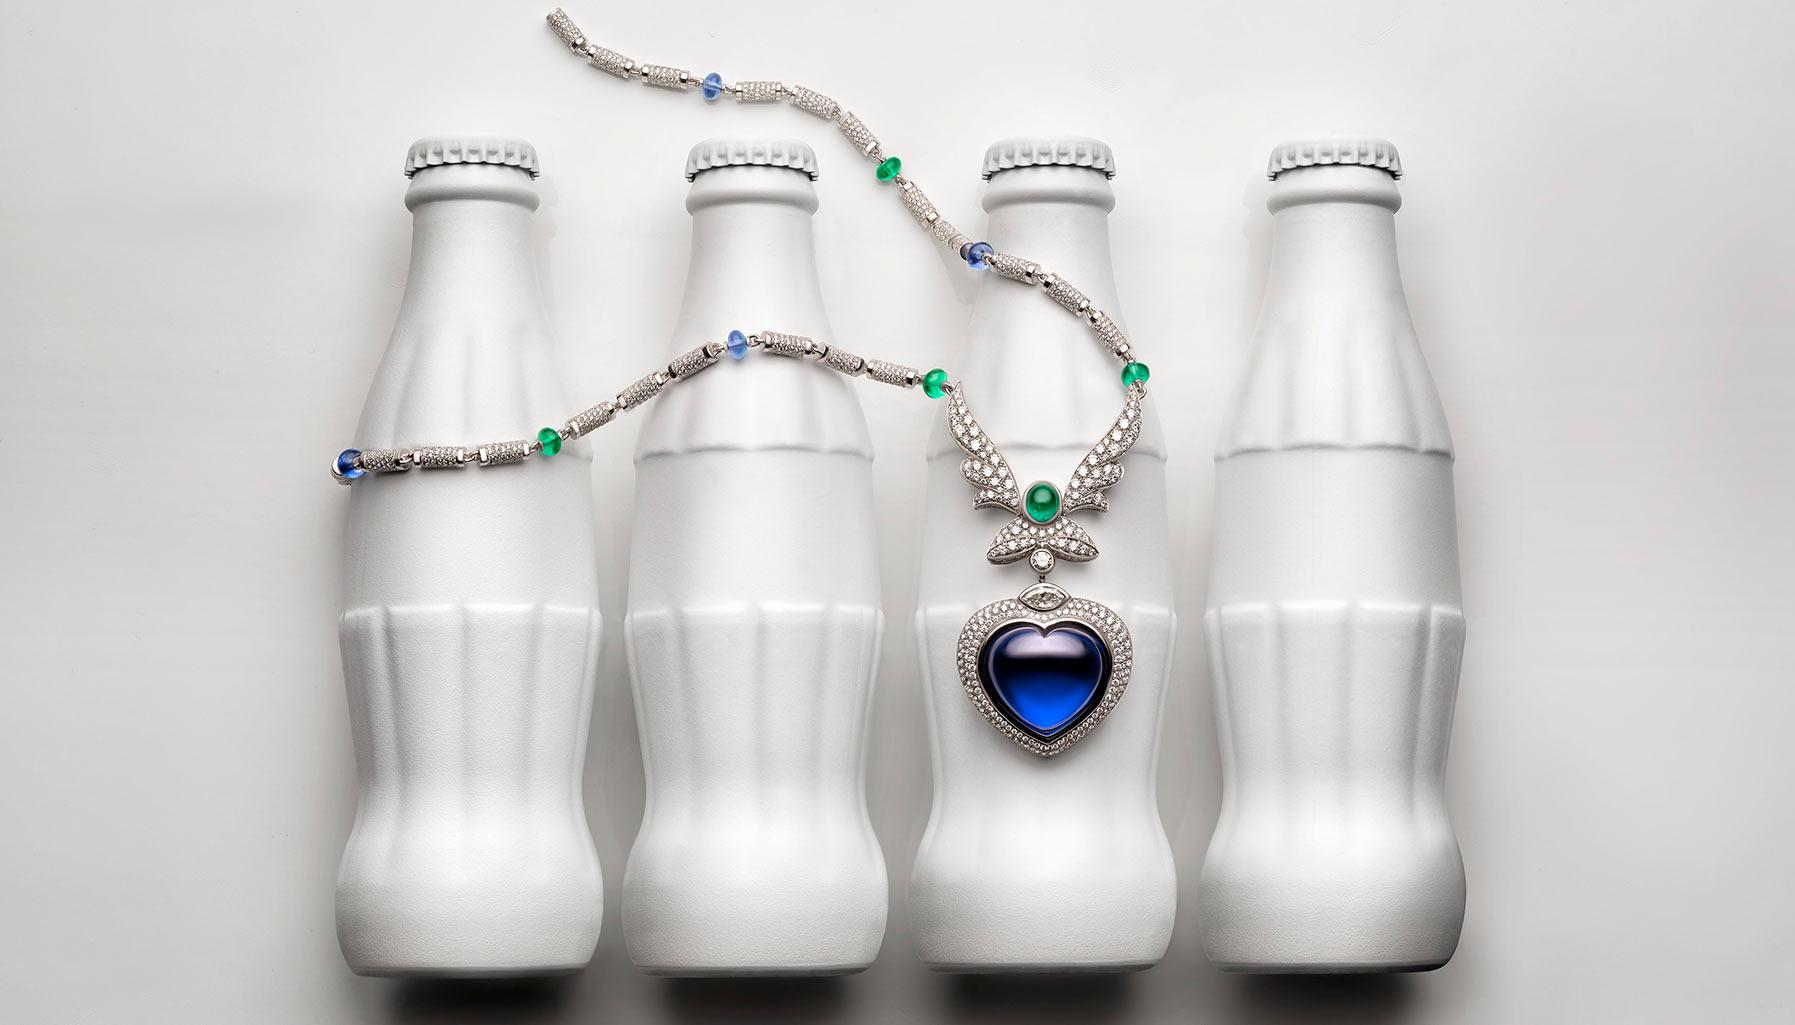 Bvlgari Wild Pop collection, Queen Of Pop Necklace